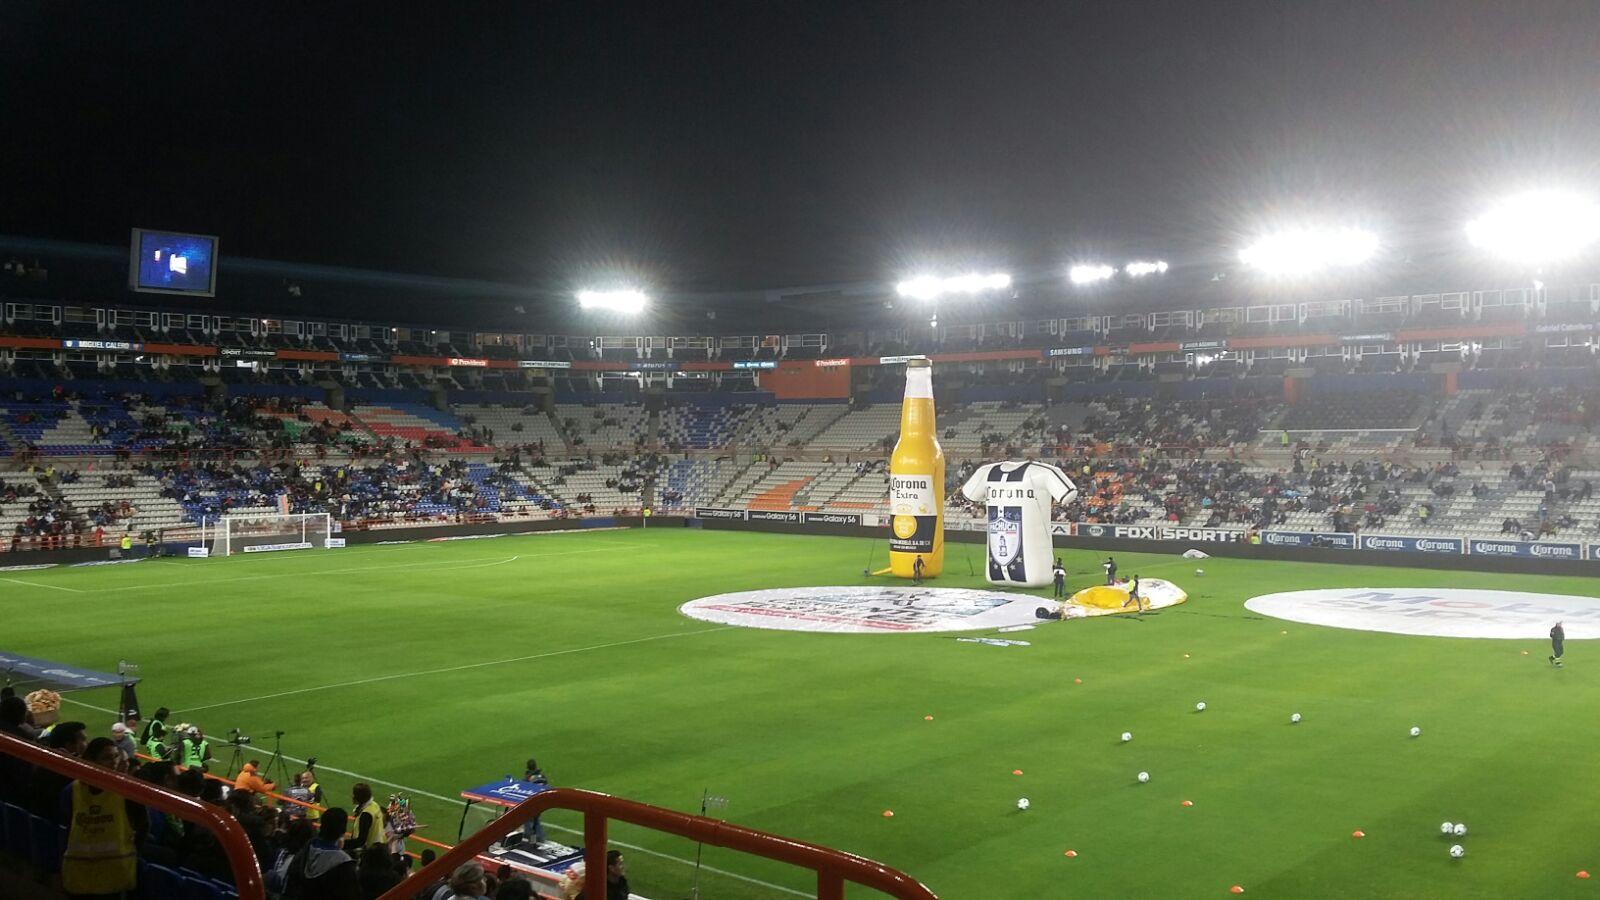 日本人初メキシコリーグプレイヤーが語る パチューカでの本田選手の活躍と期待